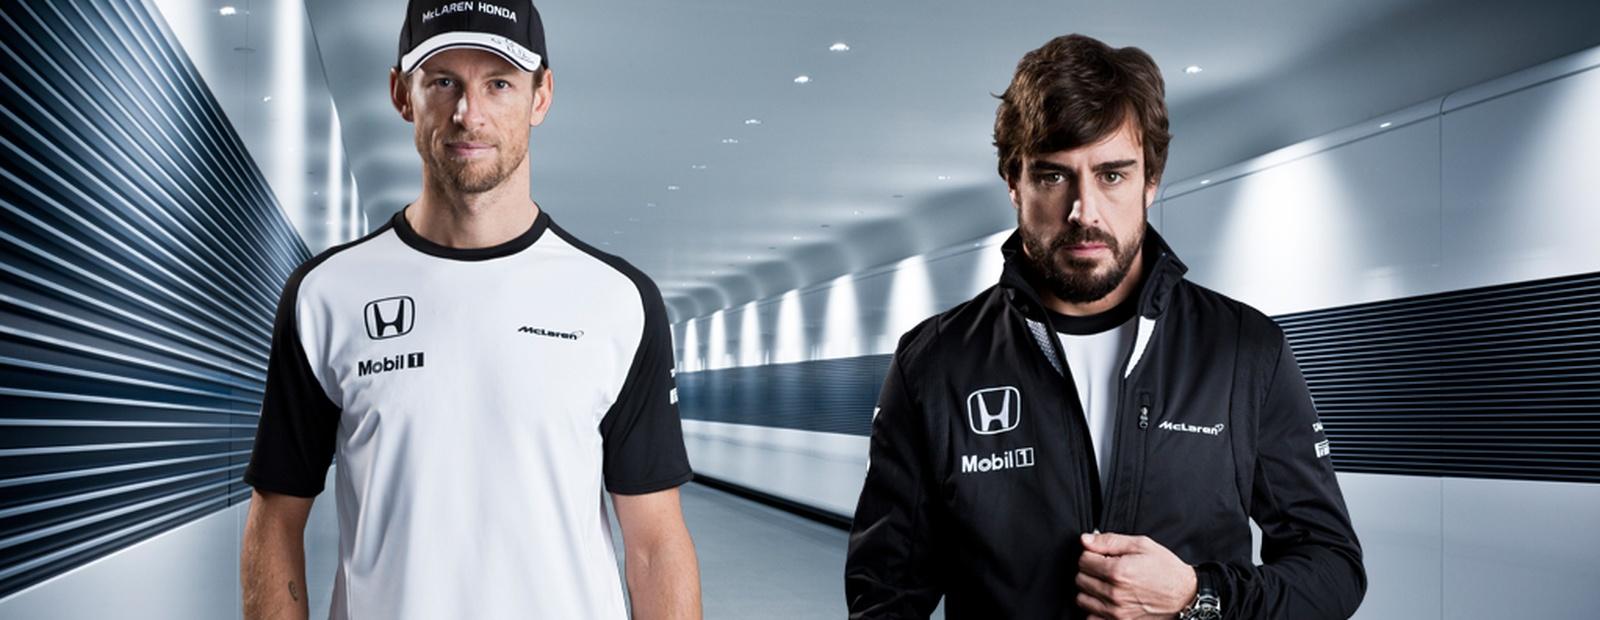 mclaren formula 1 - official launch: 2015 replica teamwear